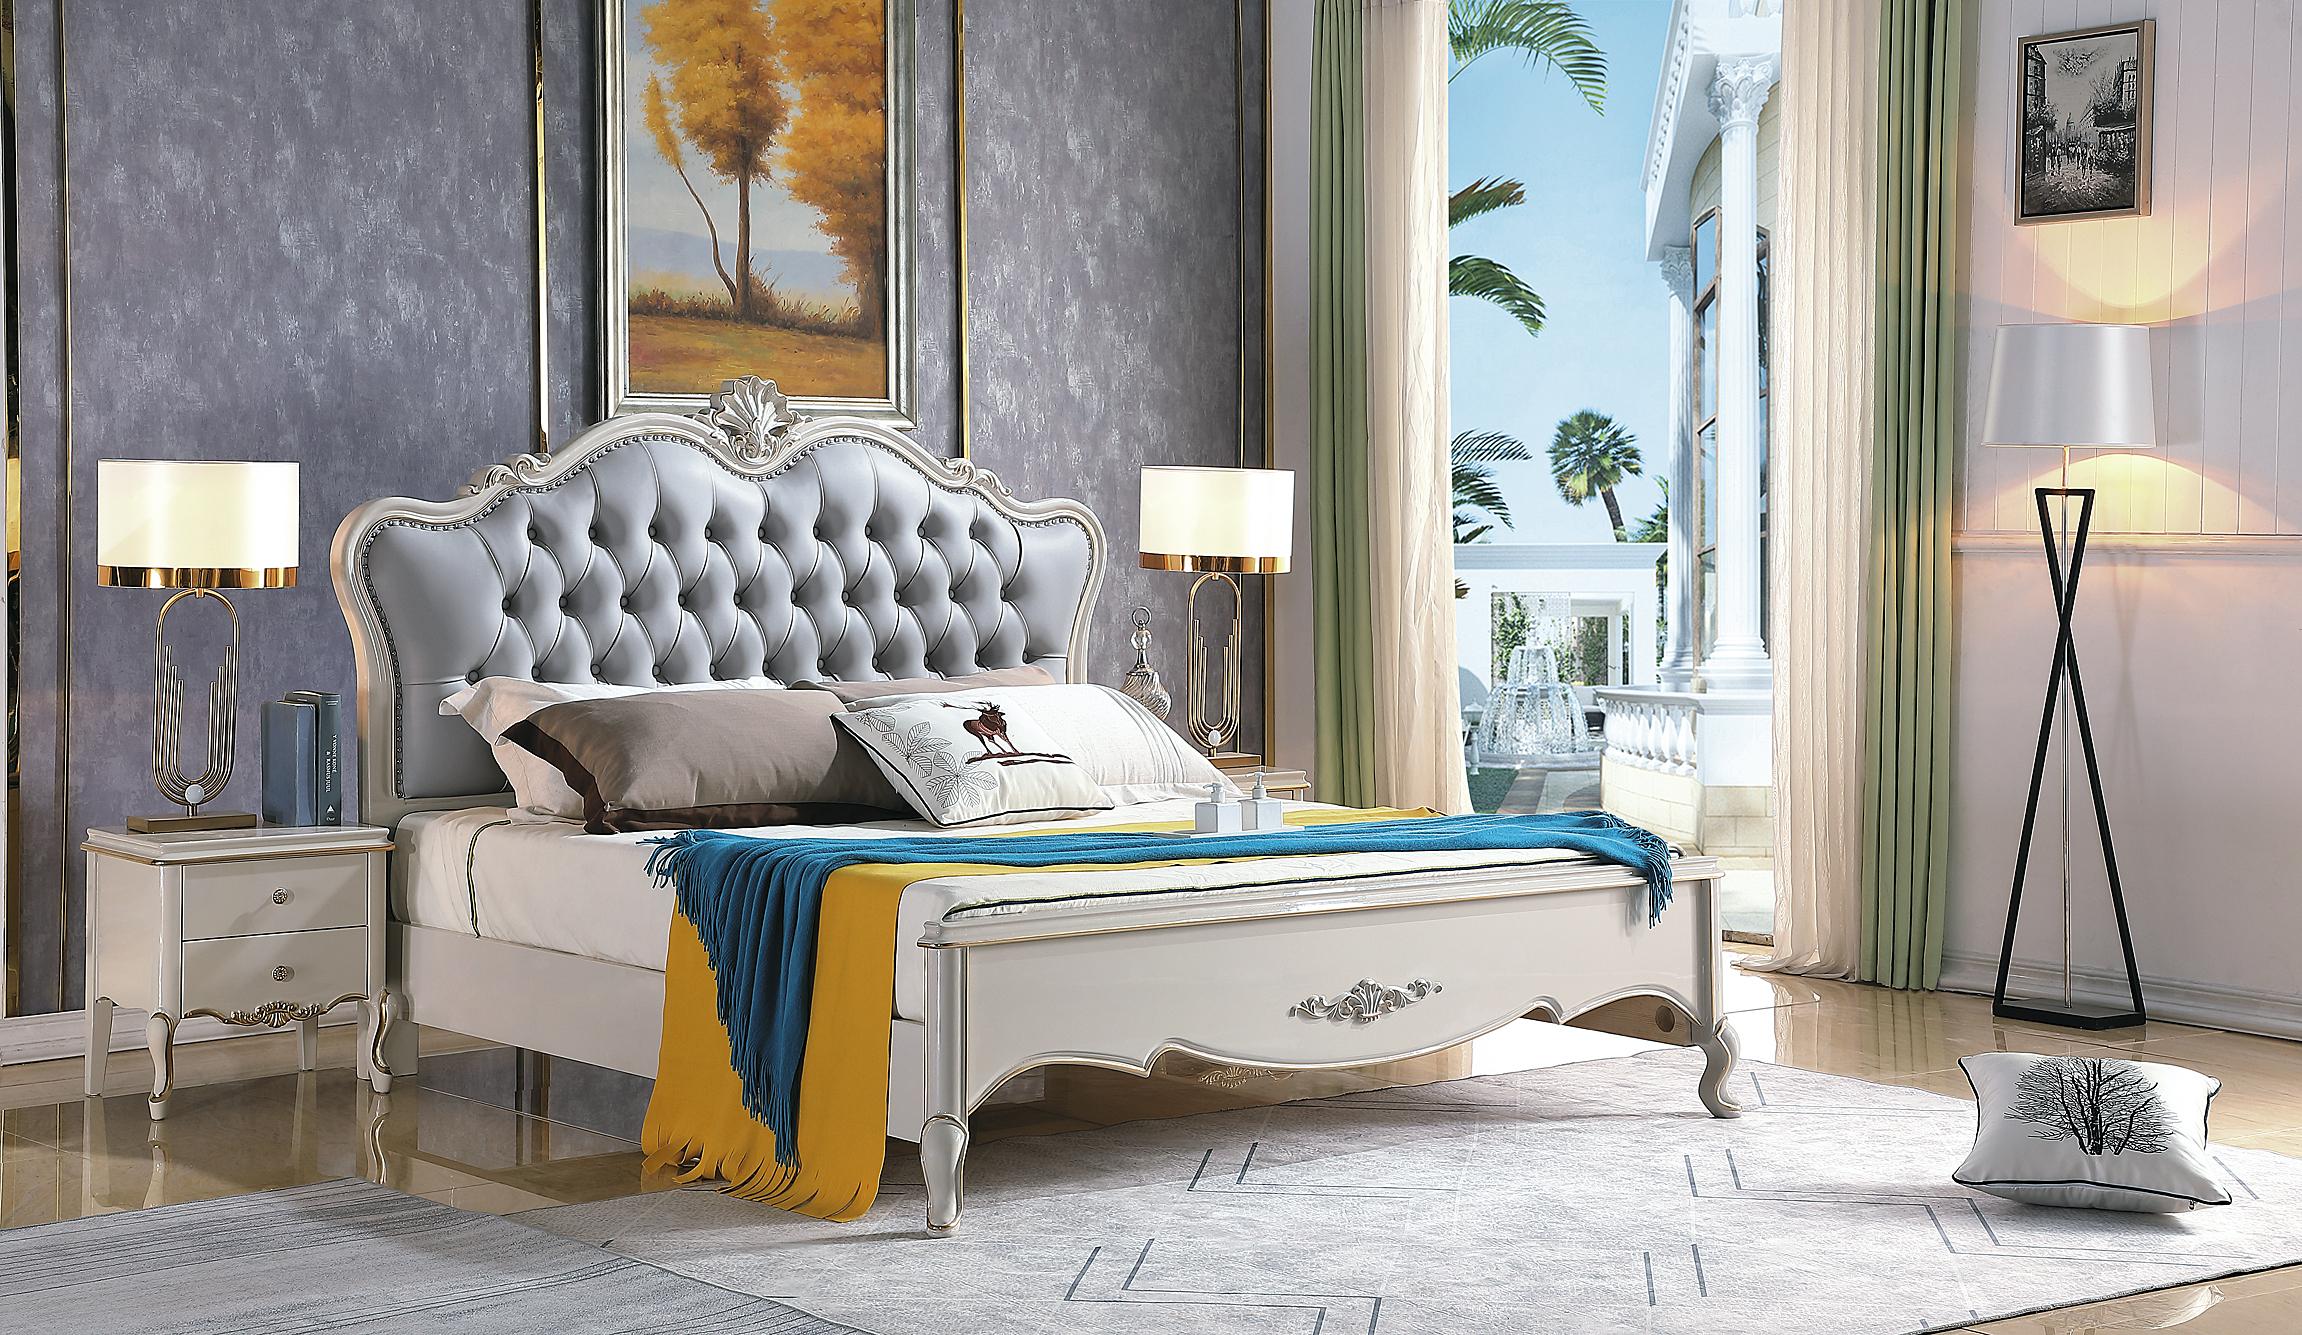 为什么公司电子宣传册需要质量好的图片?——床垫图片案例